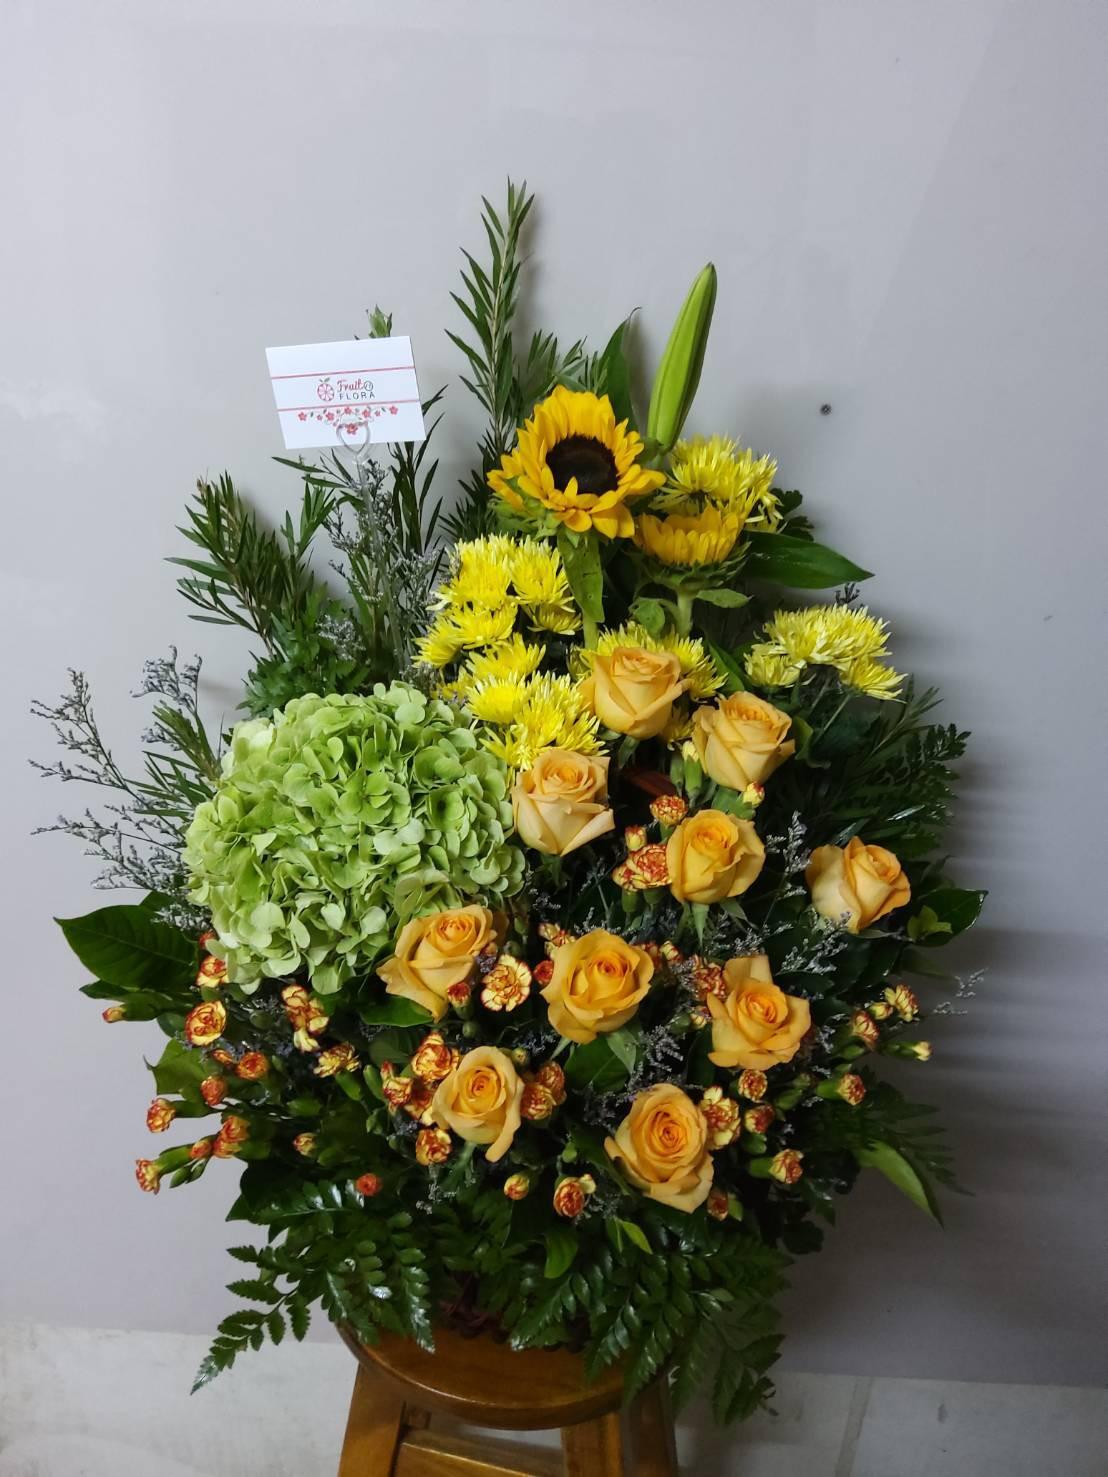 สารพัดดอกไม้โทนสีเขียว-เหลือง จัดเป็นกระเช้าสวยงามน่ามอง